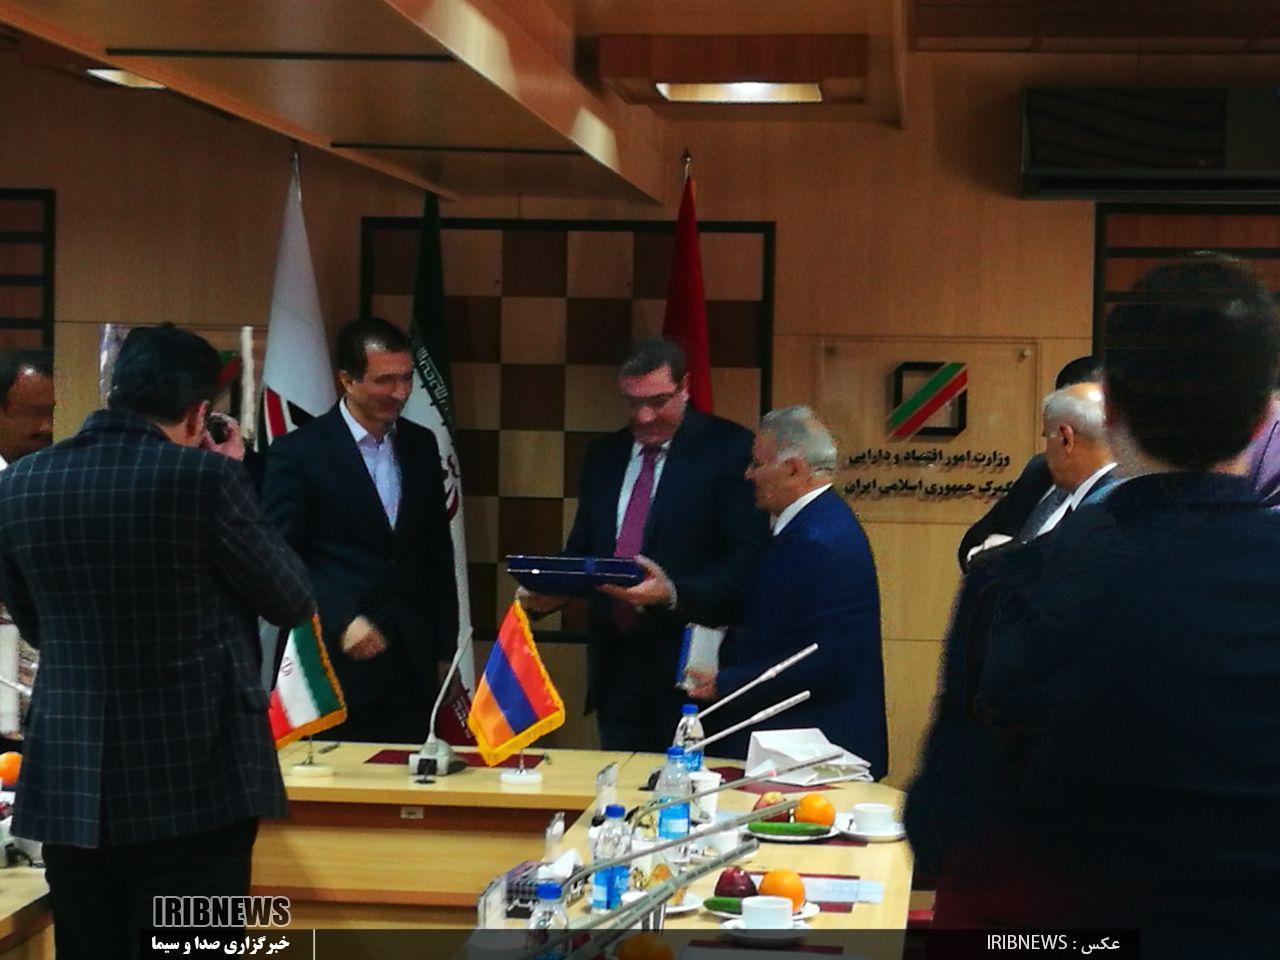 امضای یادداشت تفاهم تبادل ارزش گمرکی با ارمنستان - 10